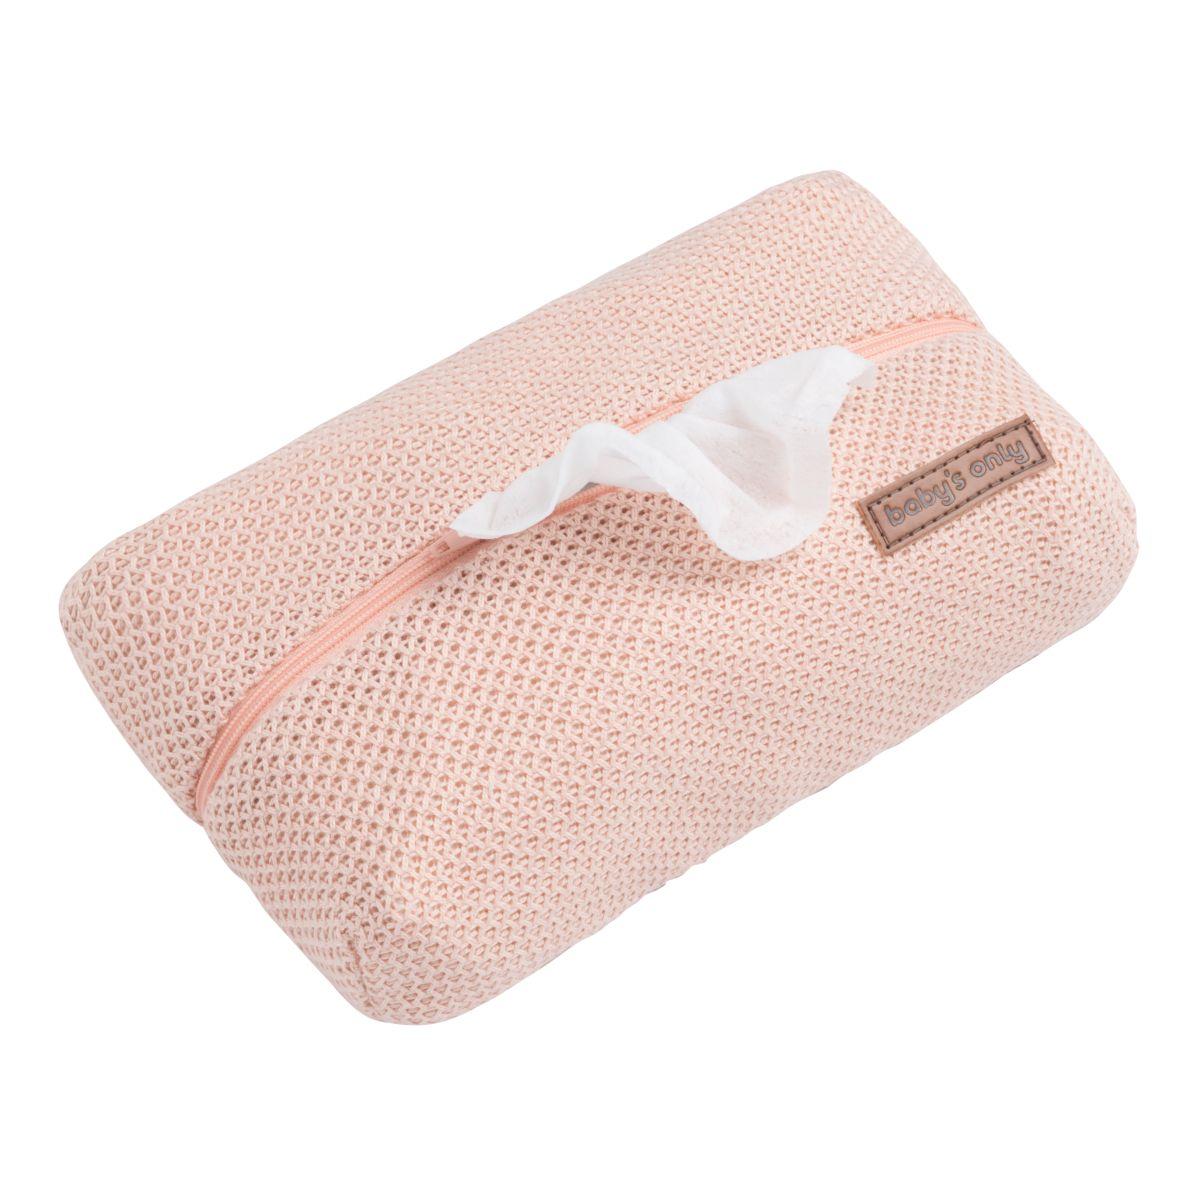 pochette lingette bb classic blush